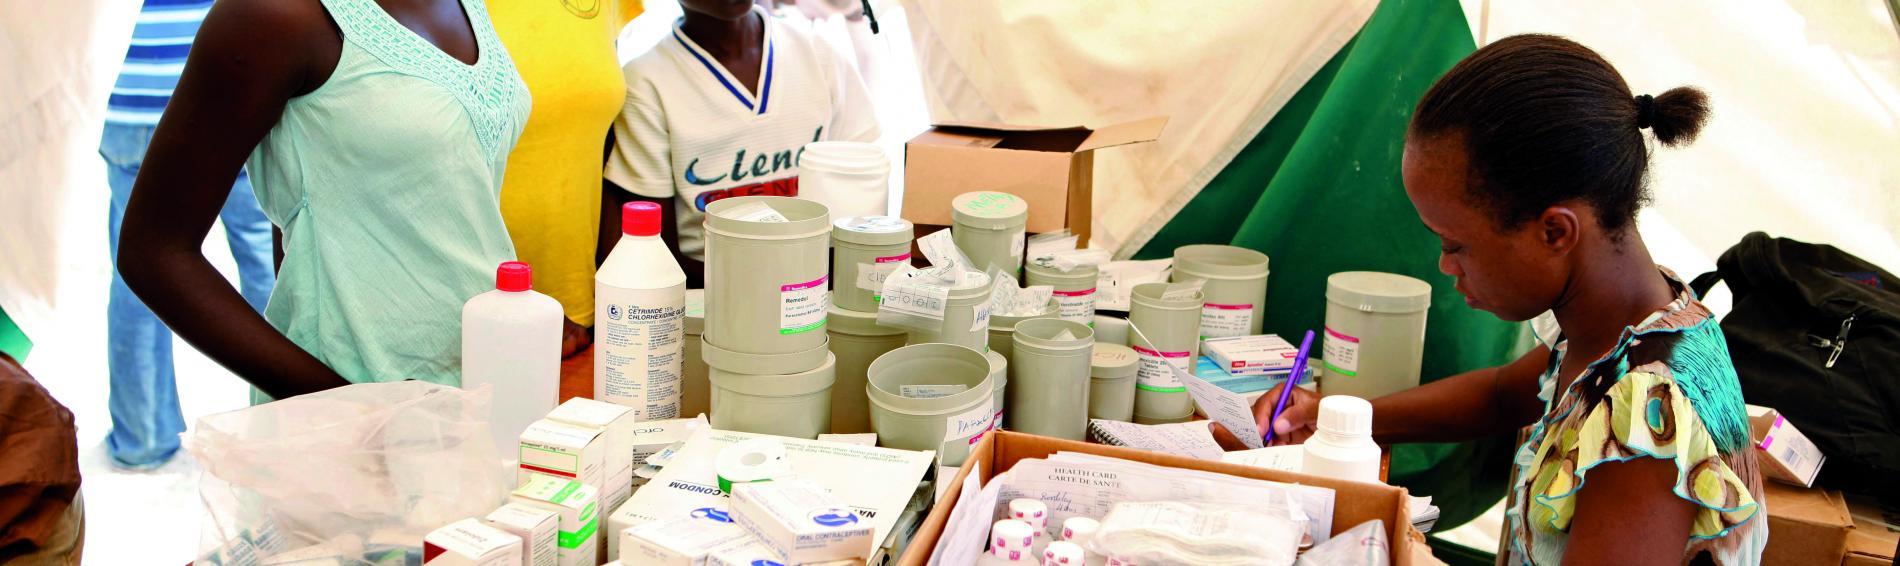 Auf Haiti werden Hygieneartikel und Medikamenten an Patientinnen ausgegeben. Foto: Ärzte der Welt